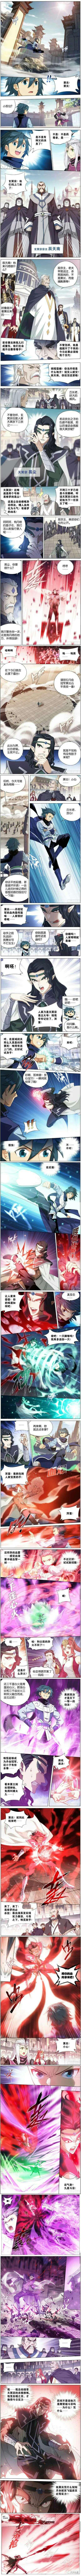 【漫画更新】斗破苍穹292修罗